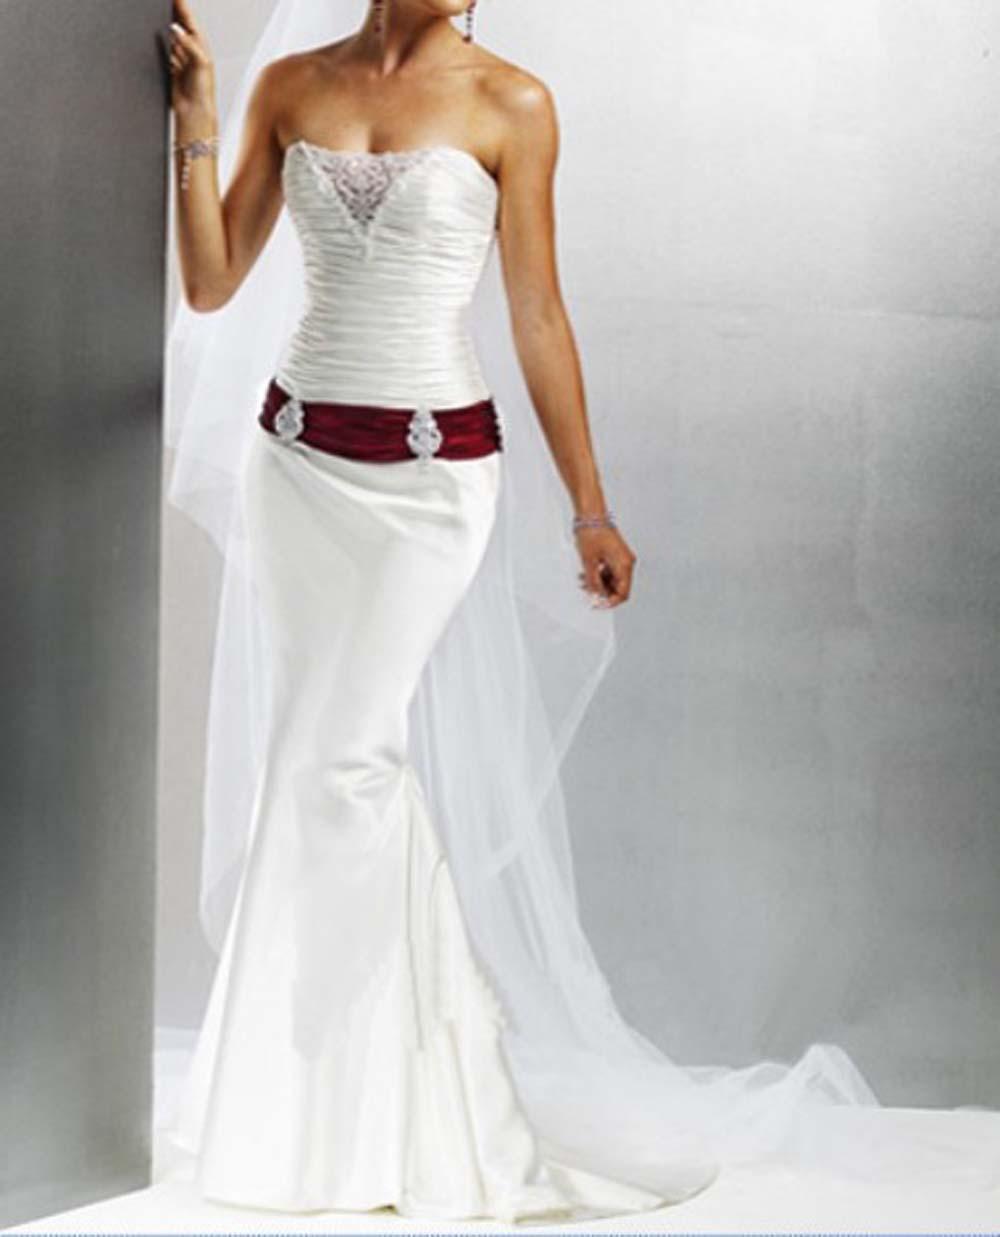 Western Wedding dress - Cowboy Style Wedding Bands